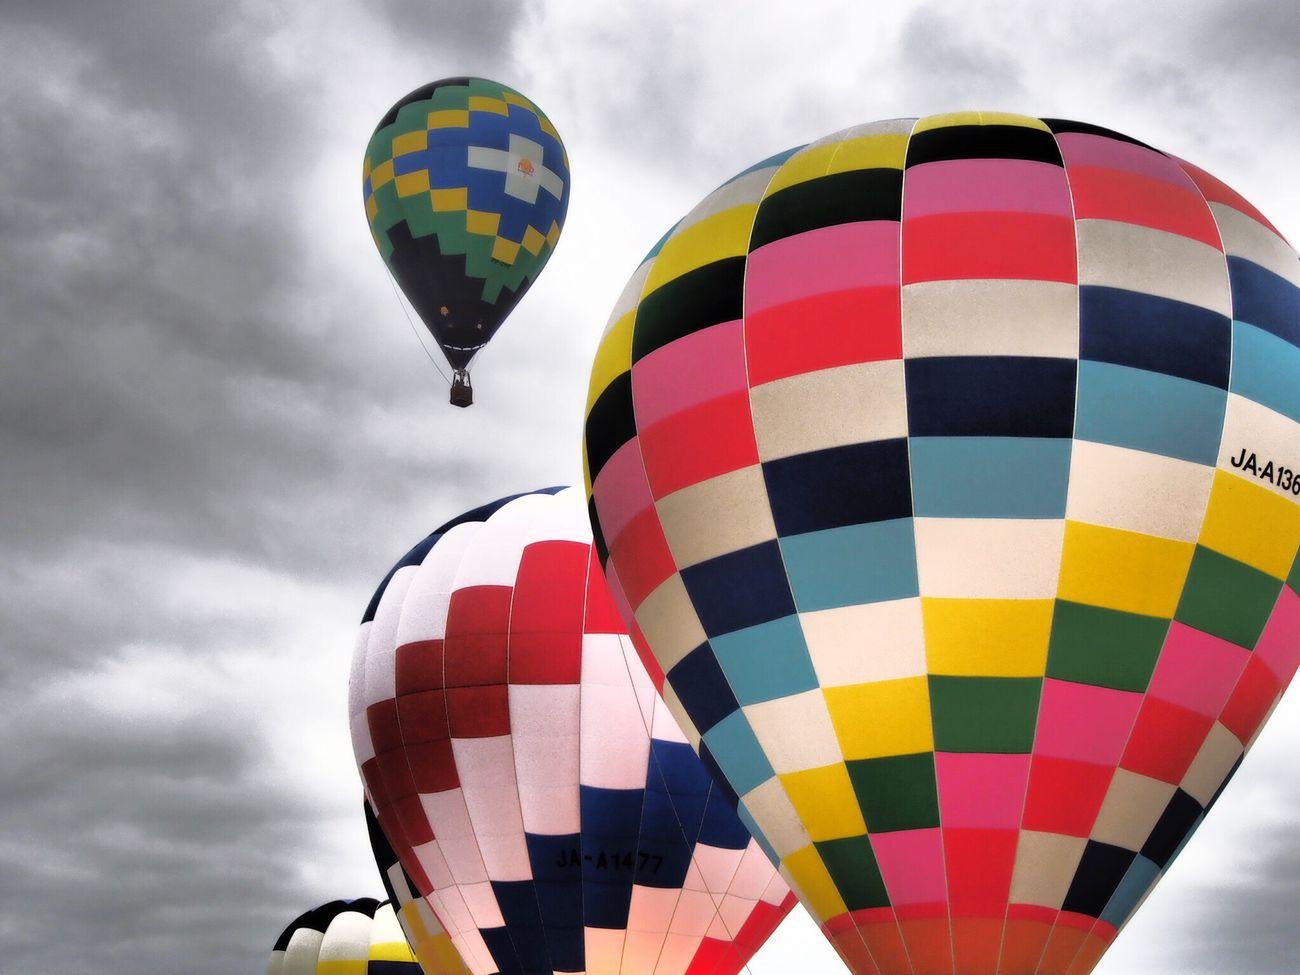 高いとこ苦手だから下から見るだけ😅 Balloons Balloon Balloonfiesta  Sky Low Angle View Hot Air Balloon Flying Cloud - Sky Cloud EyeEm Best Edits Cloudy From My Point Of View Relaxing Time Enjoying Life Japan